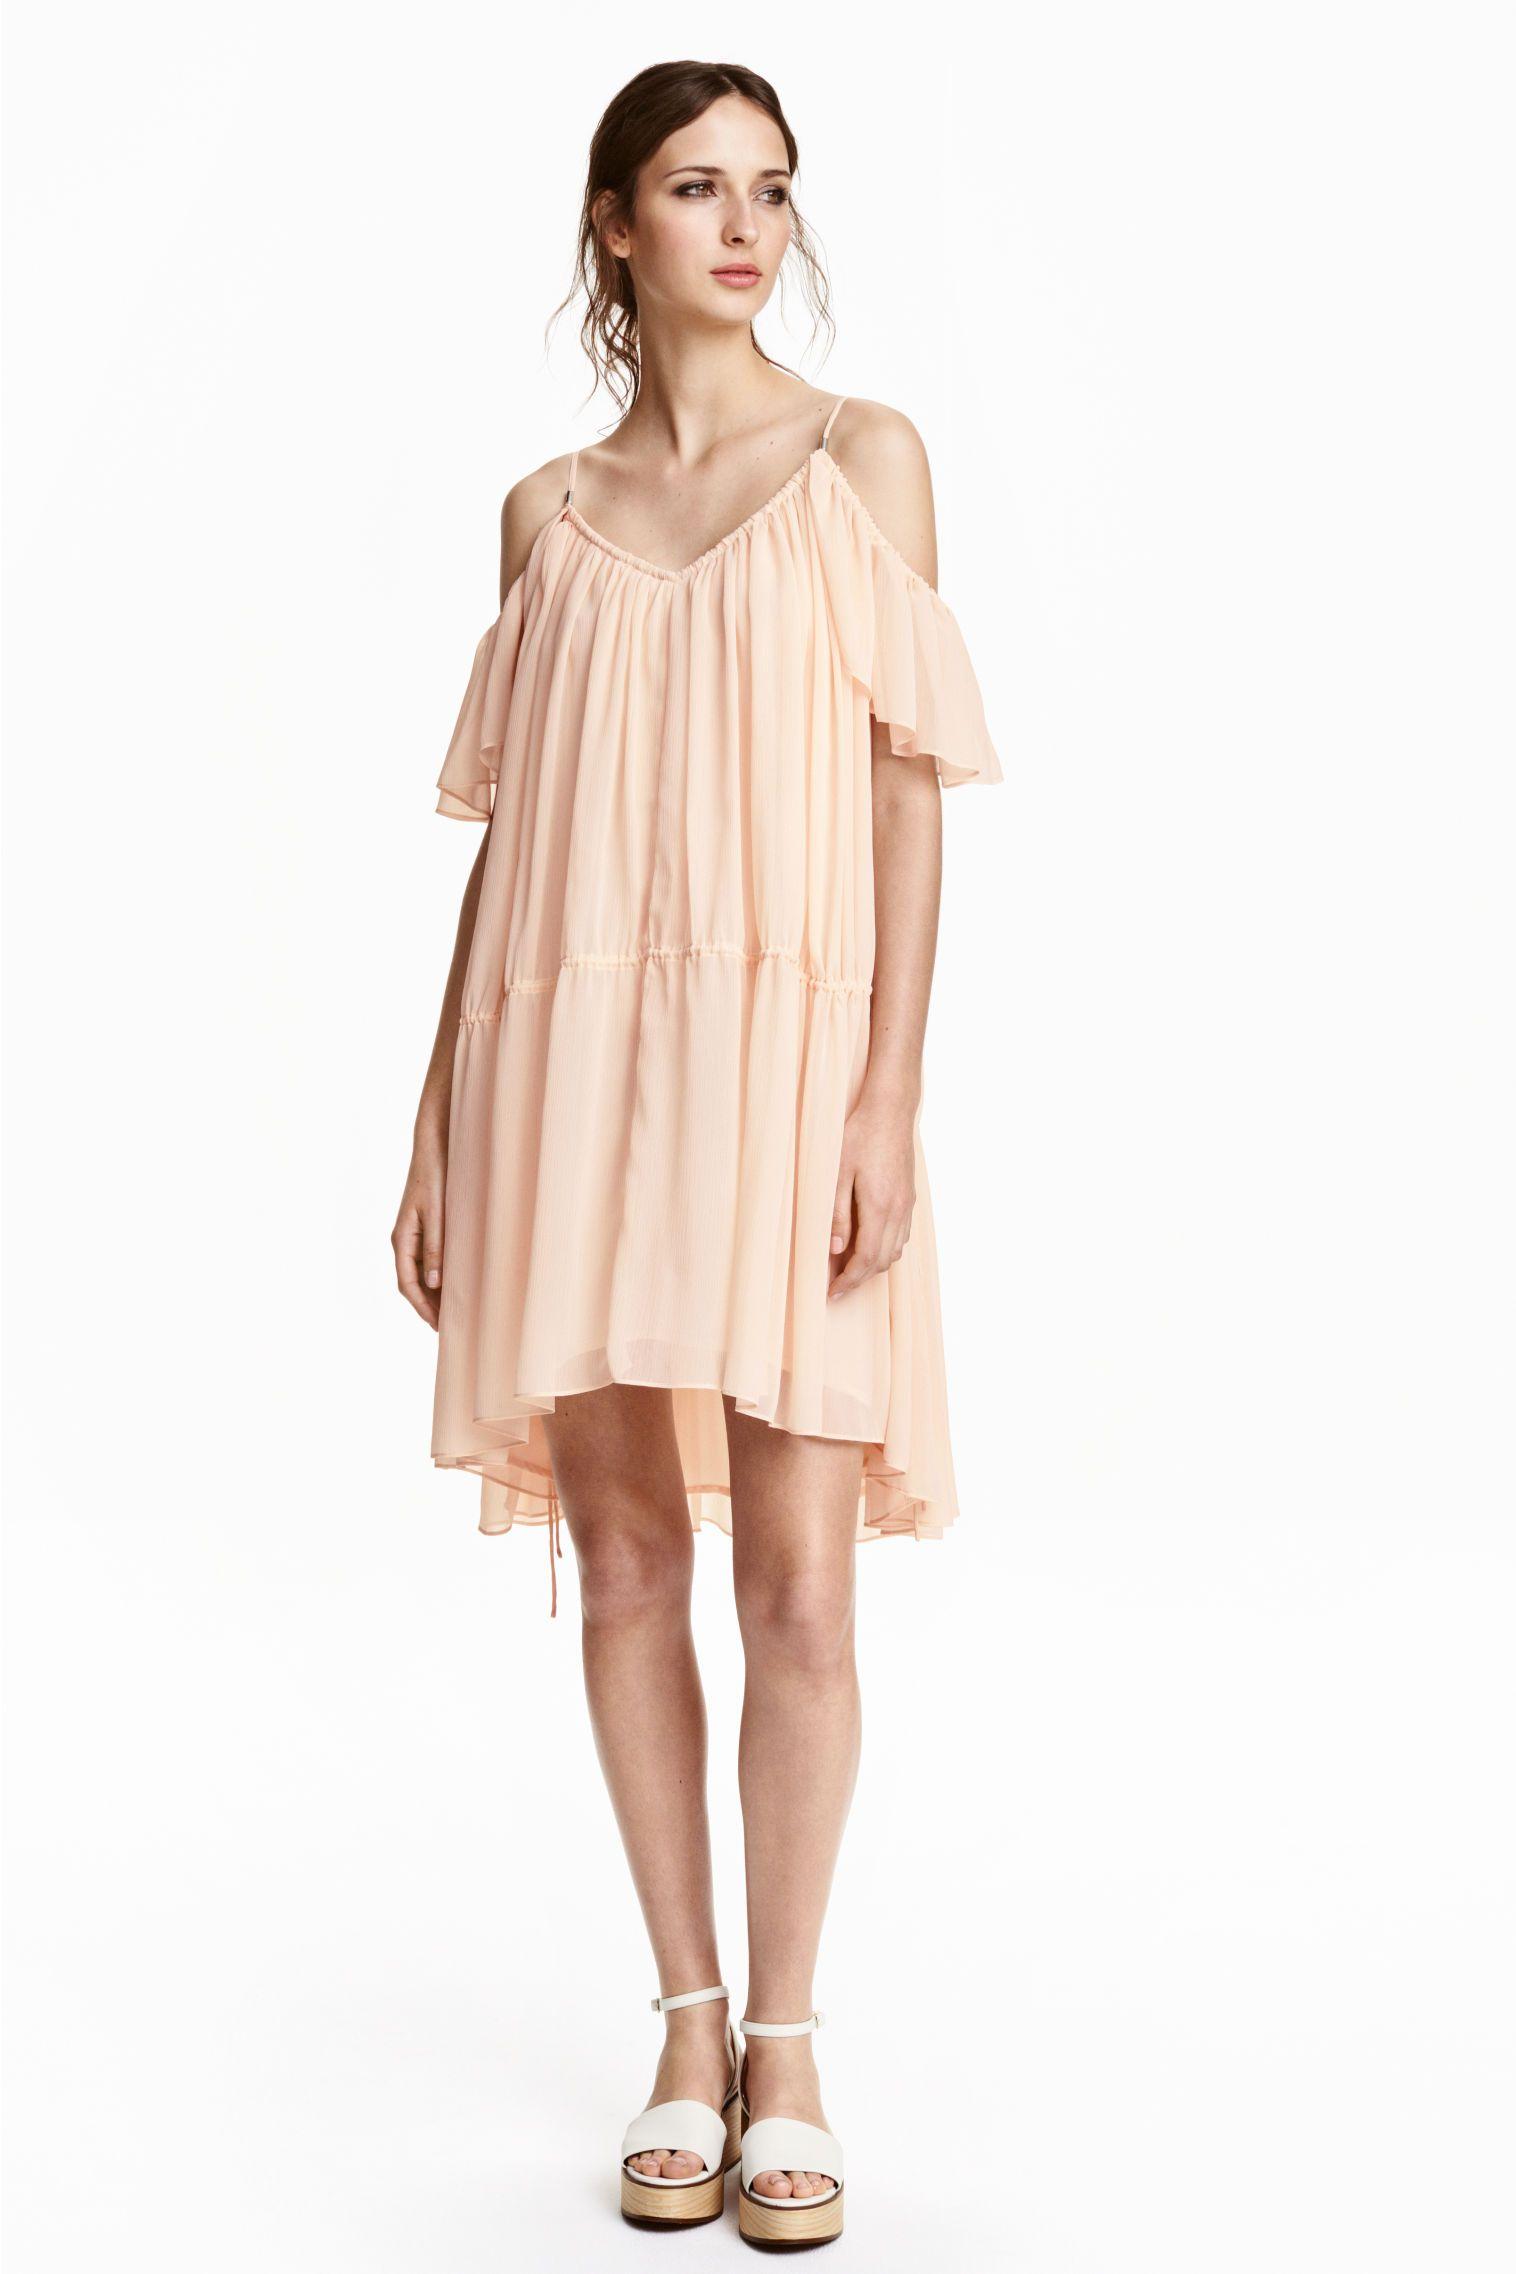 95184f1477b Robe épaules nues  Robe épaules nues courte en mousseline froissée. Modèle  ample avec fines bretelles et courtes manches papillon.